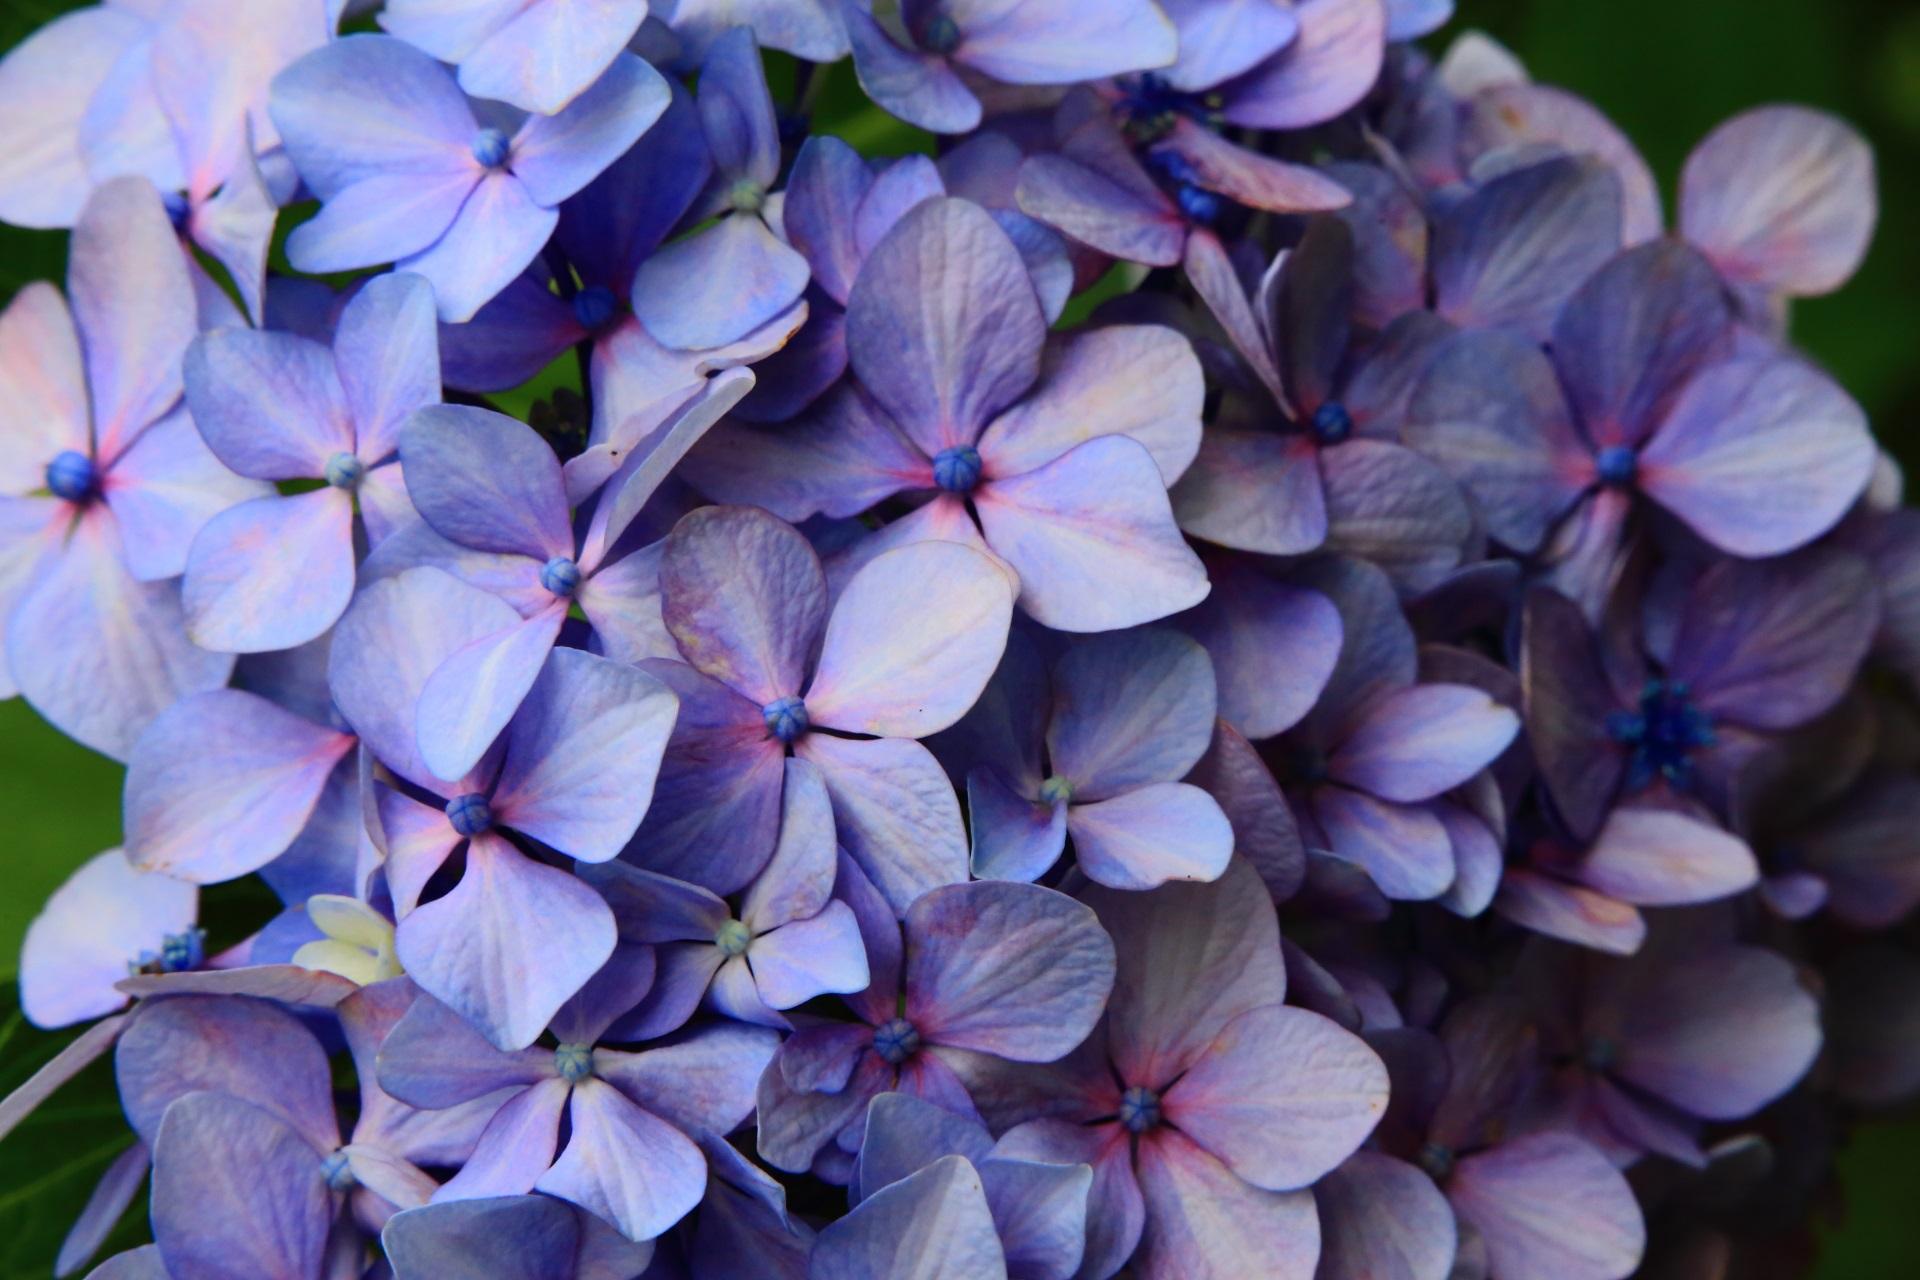 やや紫や赤が入った淡いブルーの紫陽花